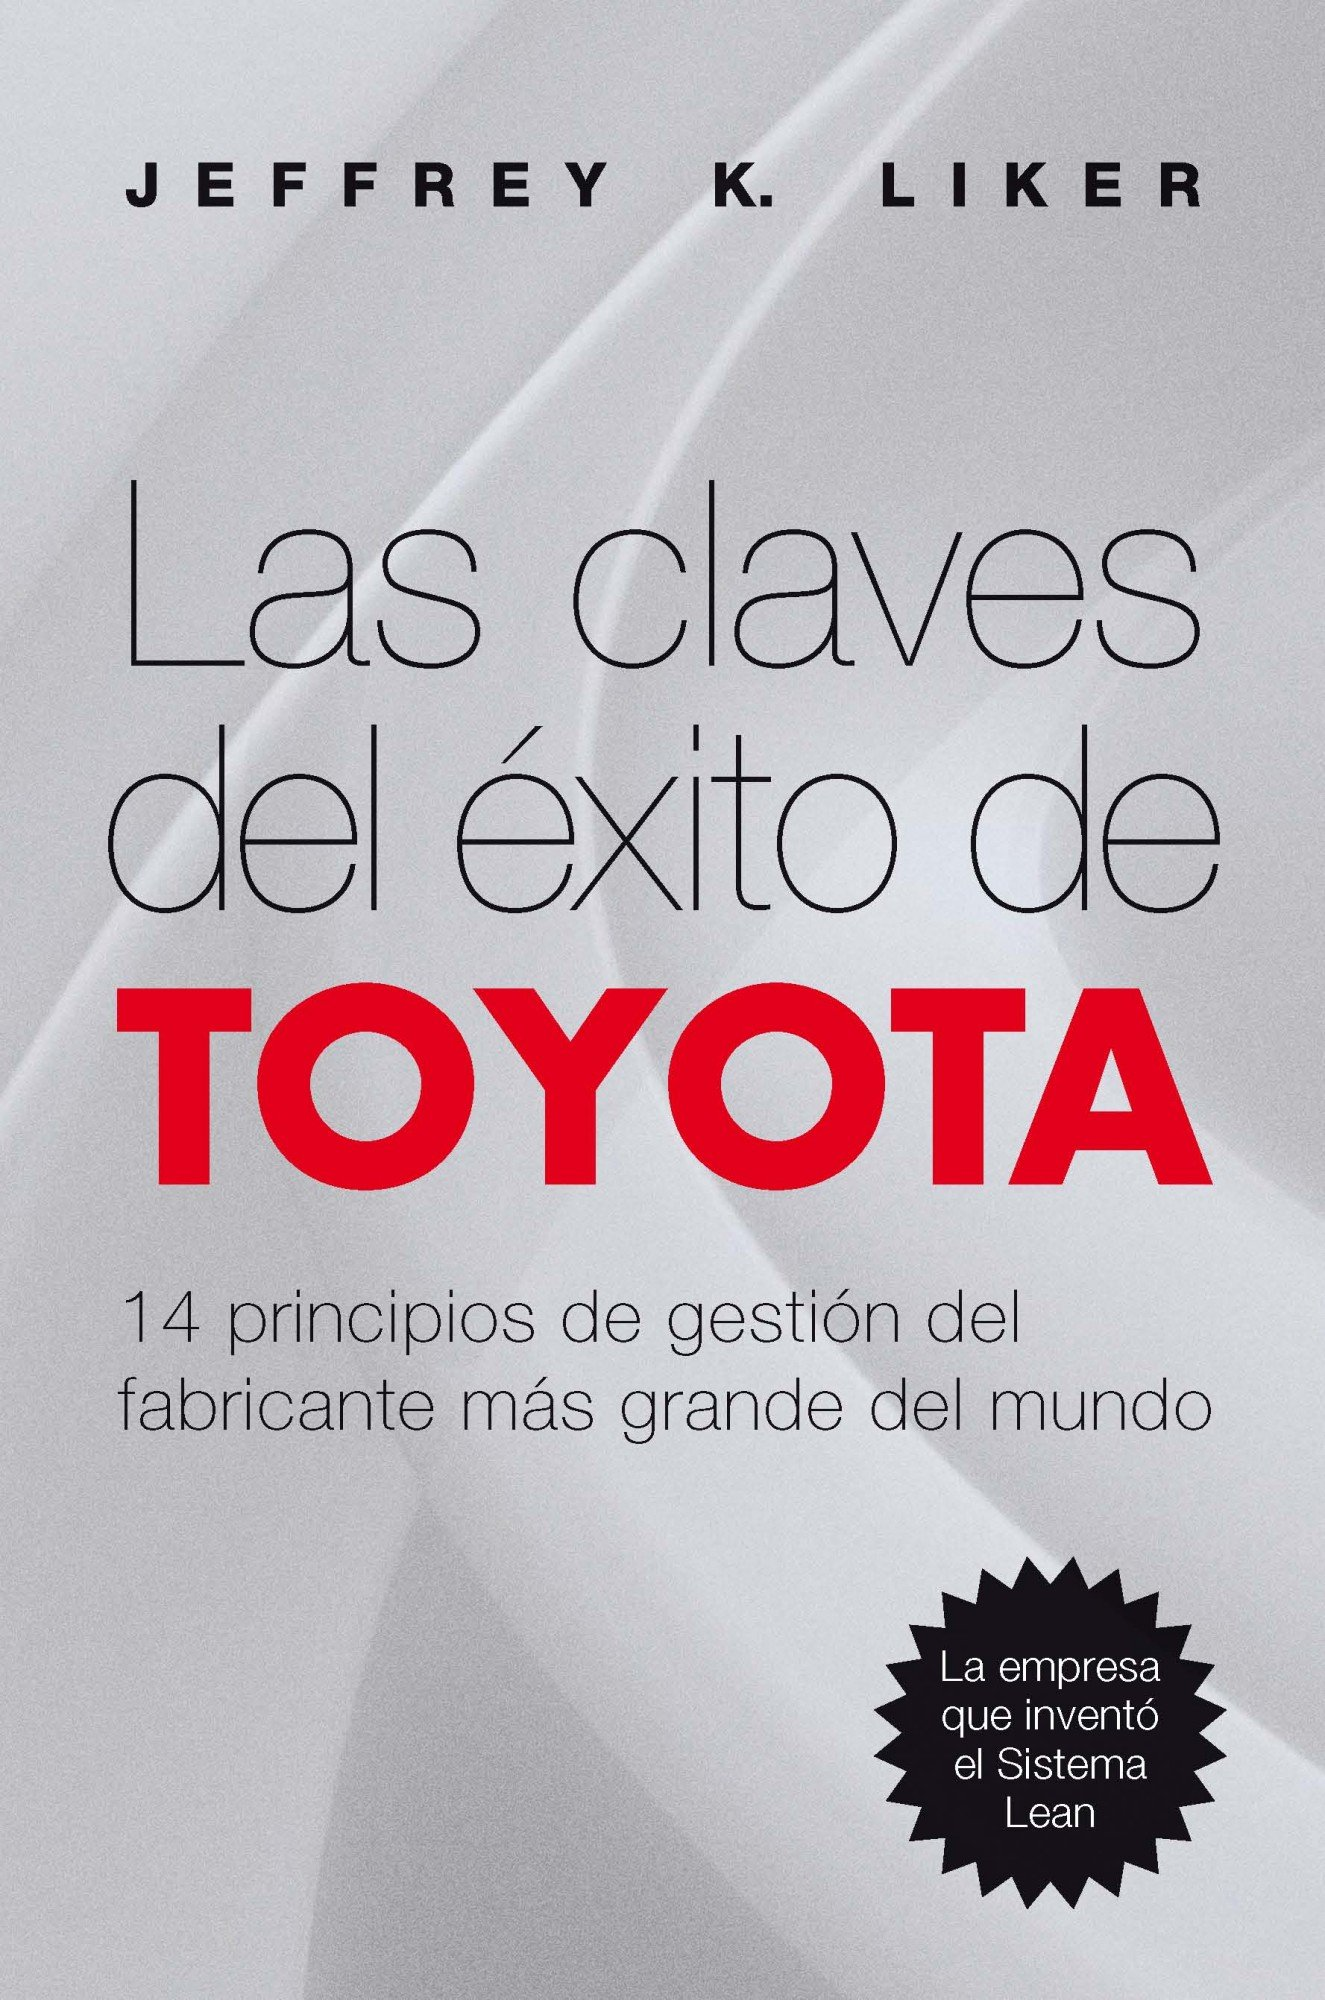 Las claves del éxito de Toyota: 14 principios de gestión del fabricante más  grande del mundo OPERACIONES: Amazon.es: Liker, Jeffrey K., Cuatrecasas  Arbós, Lluís: Libros